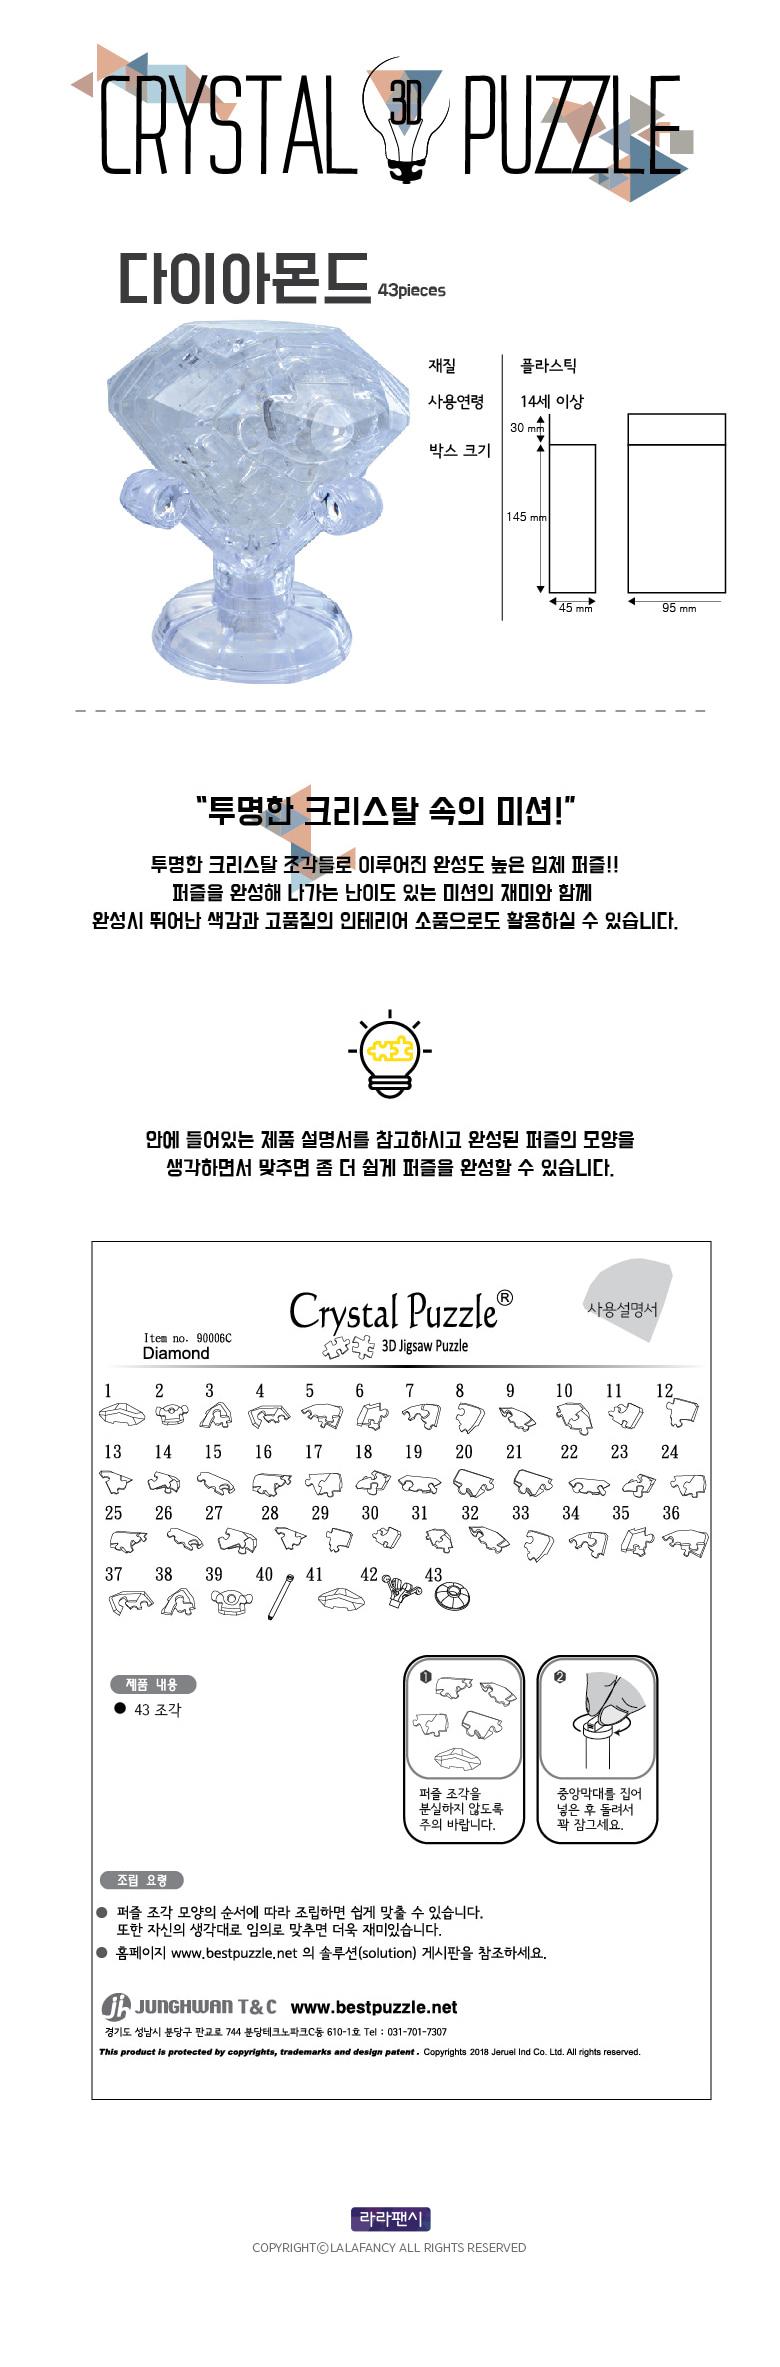 크리스탈 3D 입체 퍼즐 다이아몬드(Diamond) - 아이비스, 13,000원, 조각/퍼즐, 3D입체퍼즐